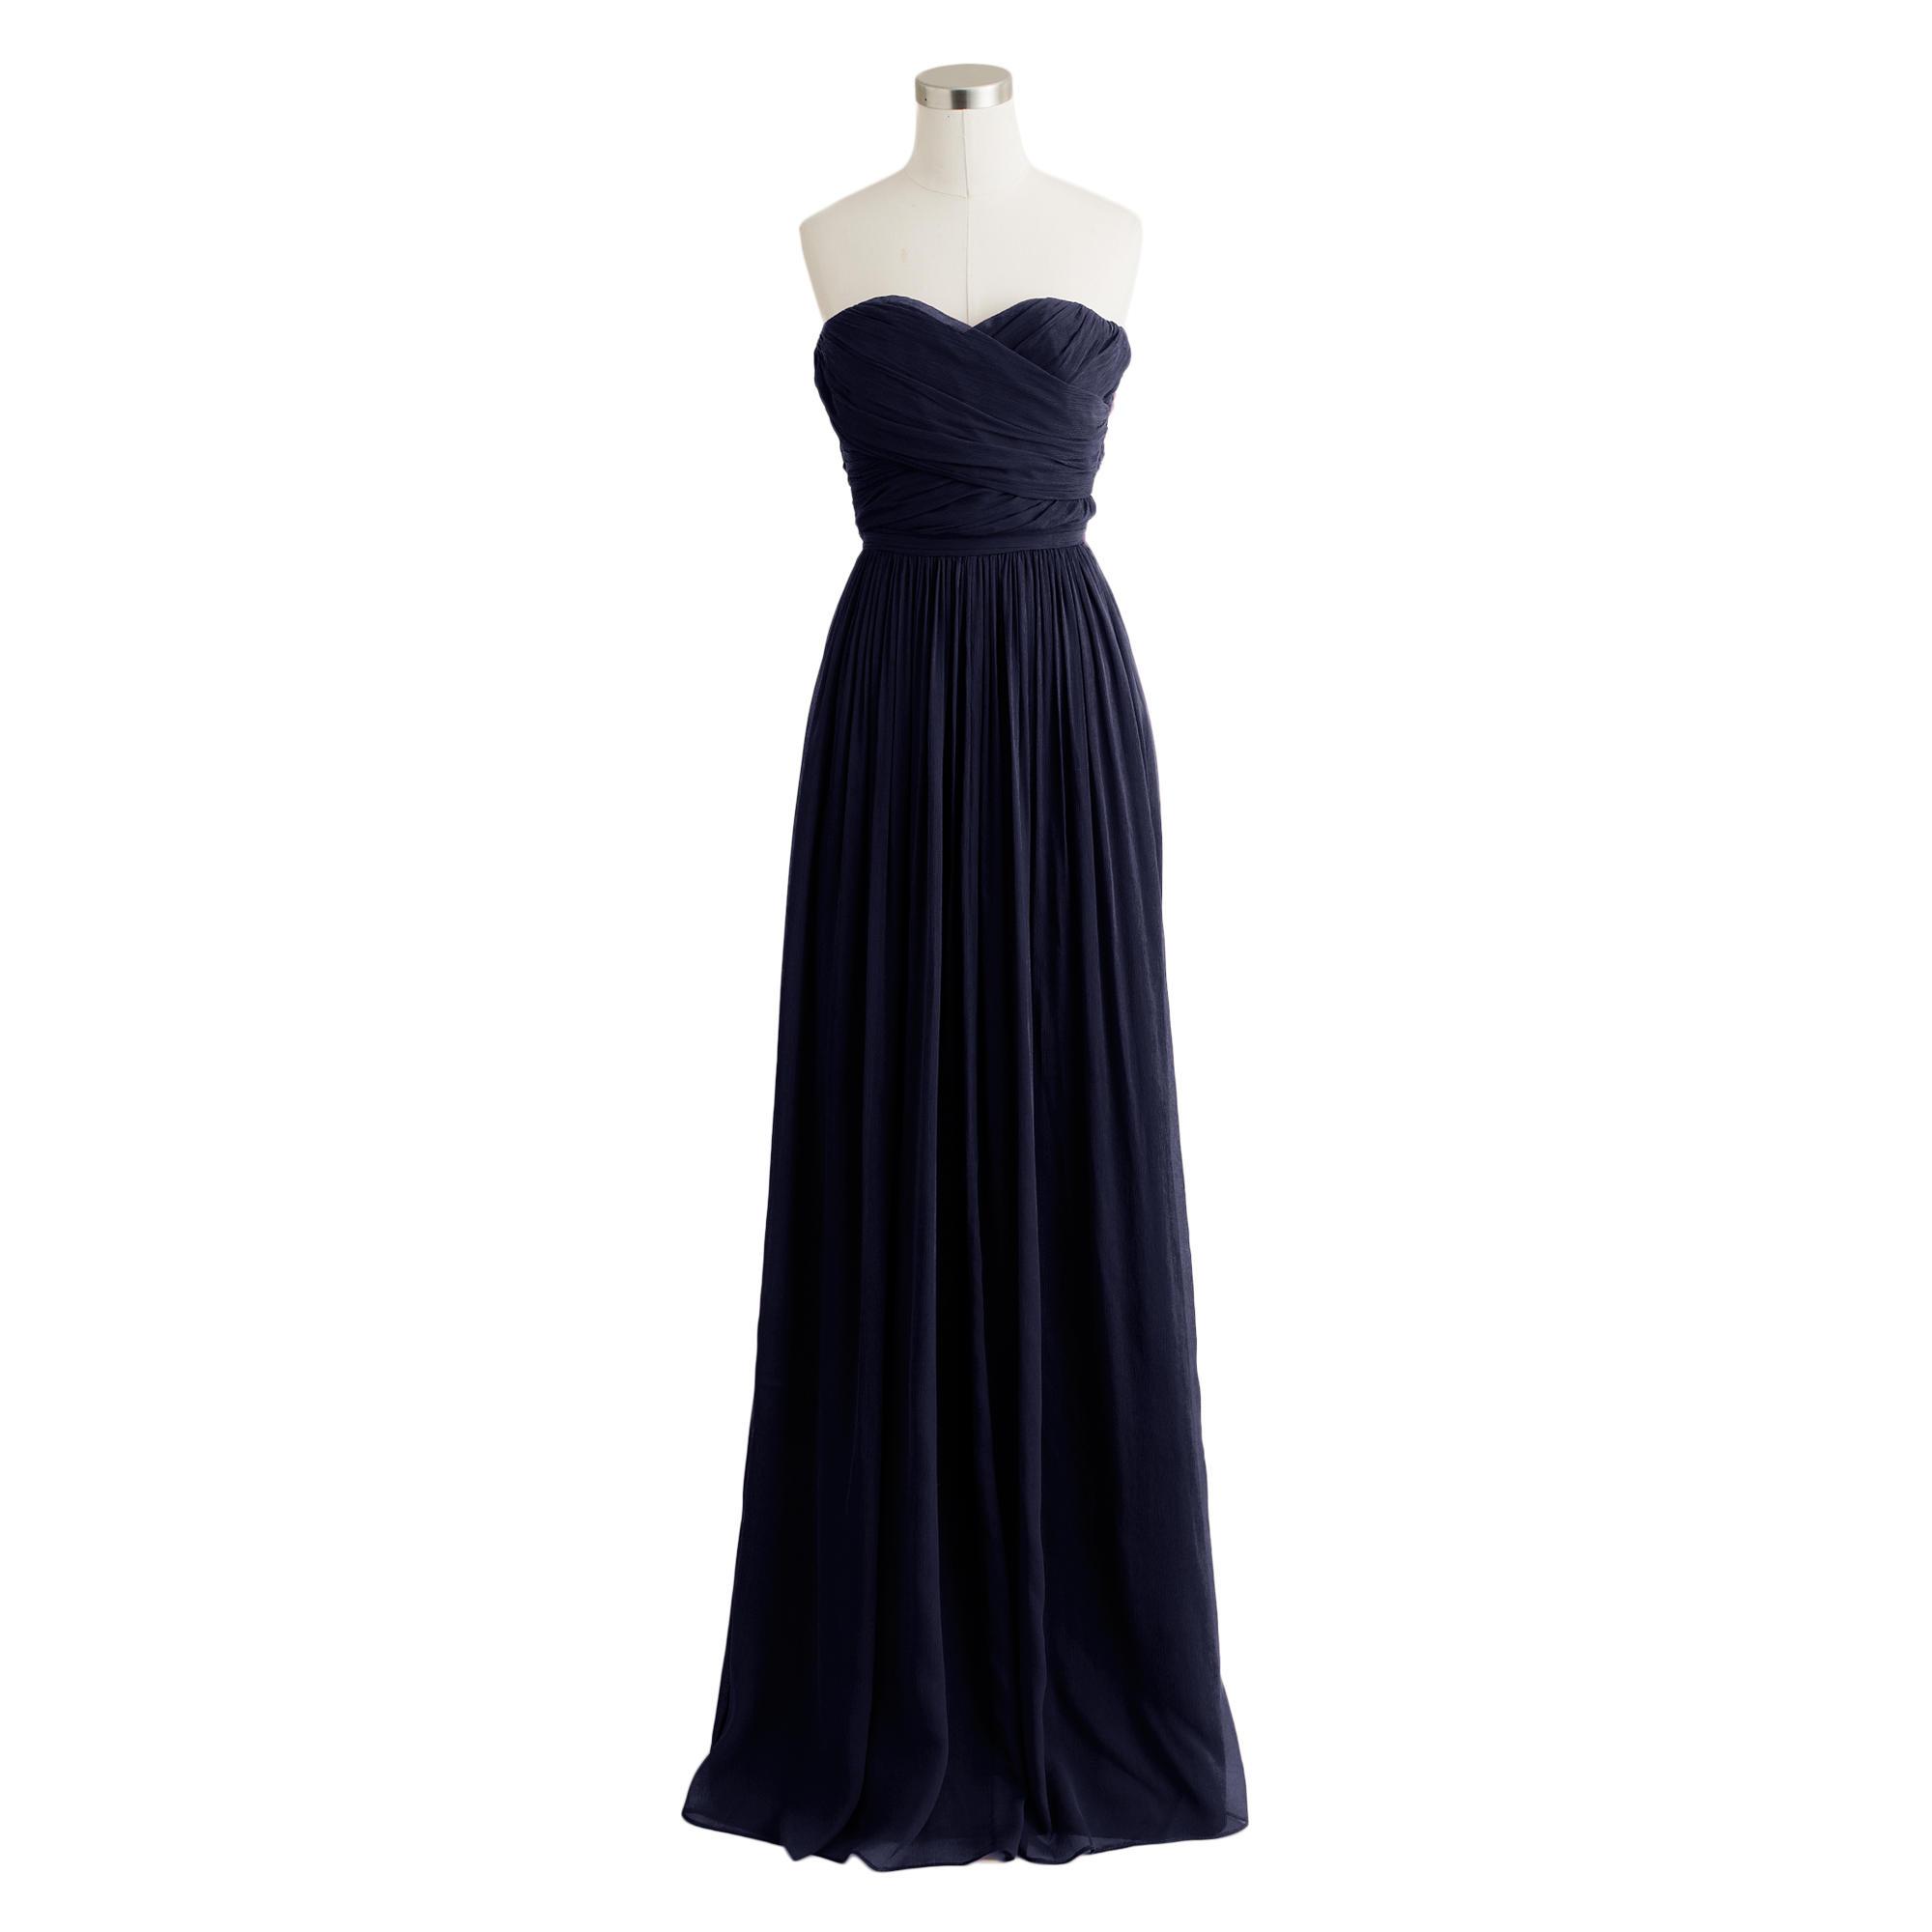 J.crew Arabelle Long Dress In Silk Chiffon in Blue   Lyst